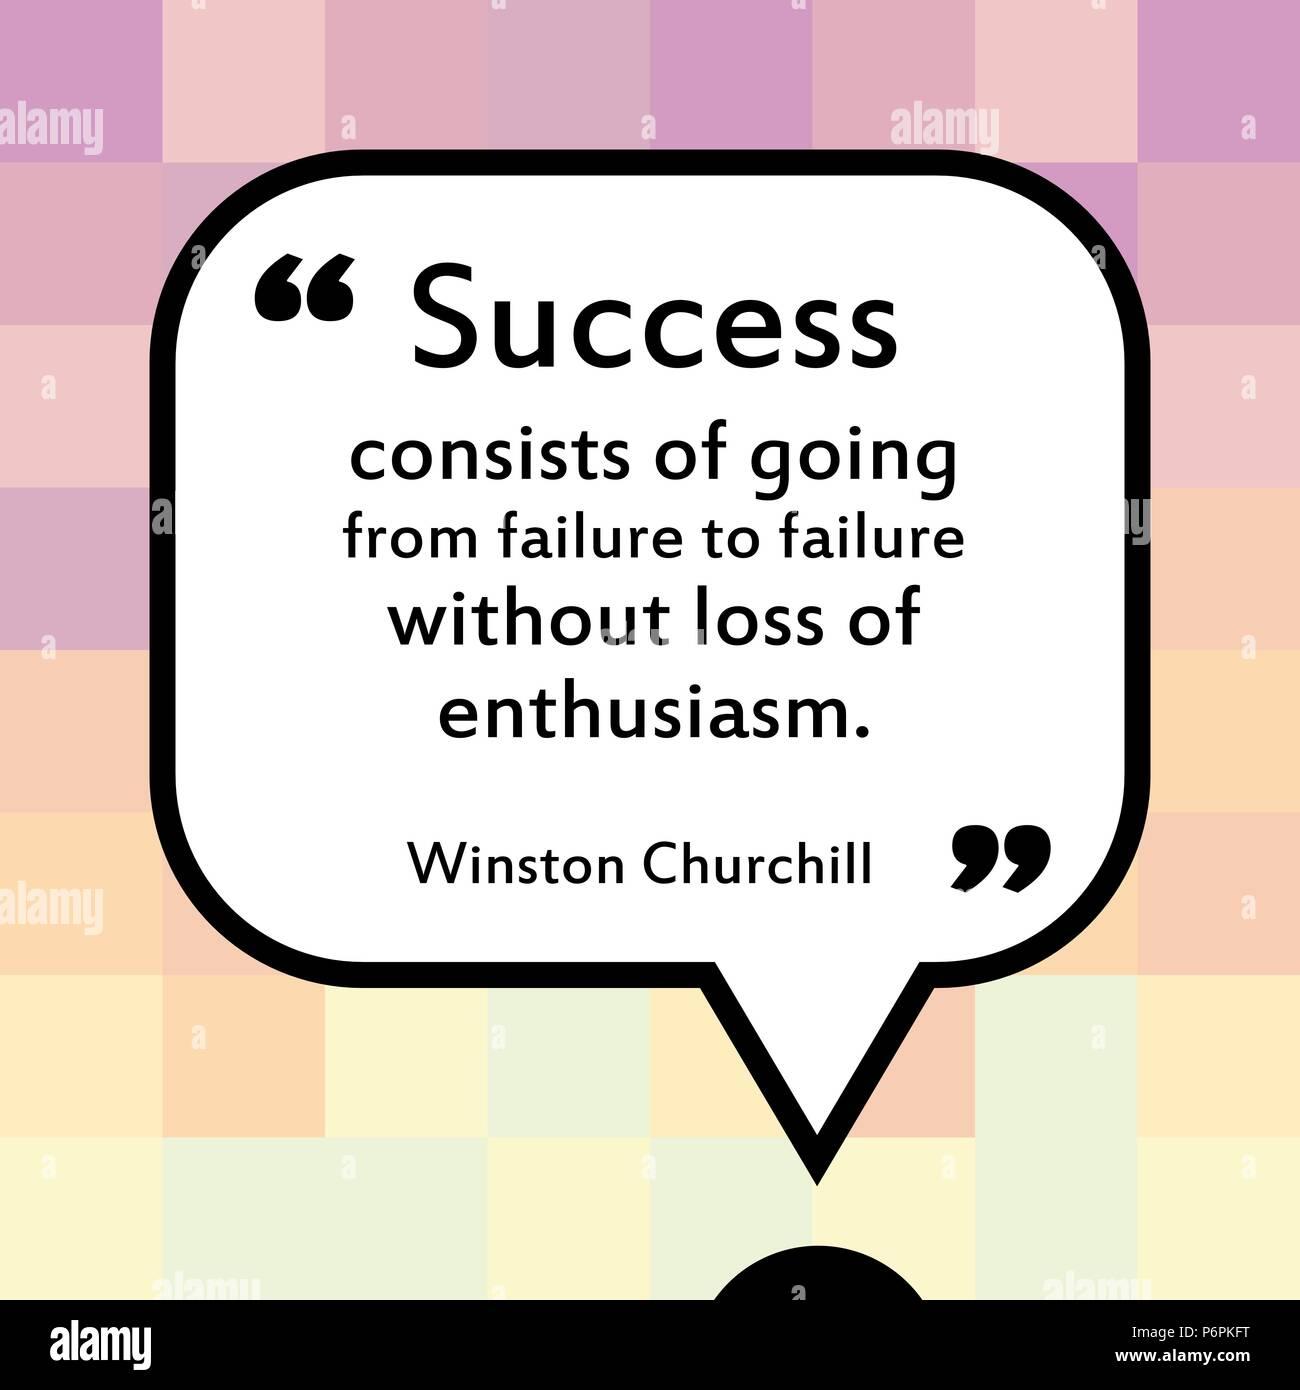 C Stock Quote: Winston Churchill Quote Stock Photos & Winston Churchill